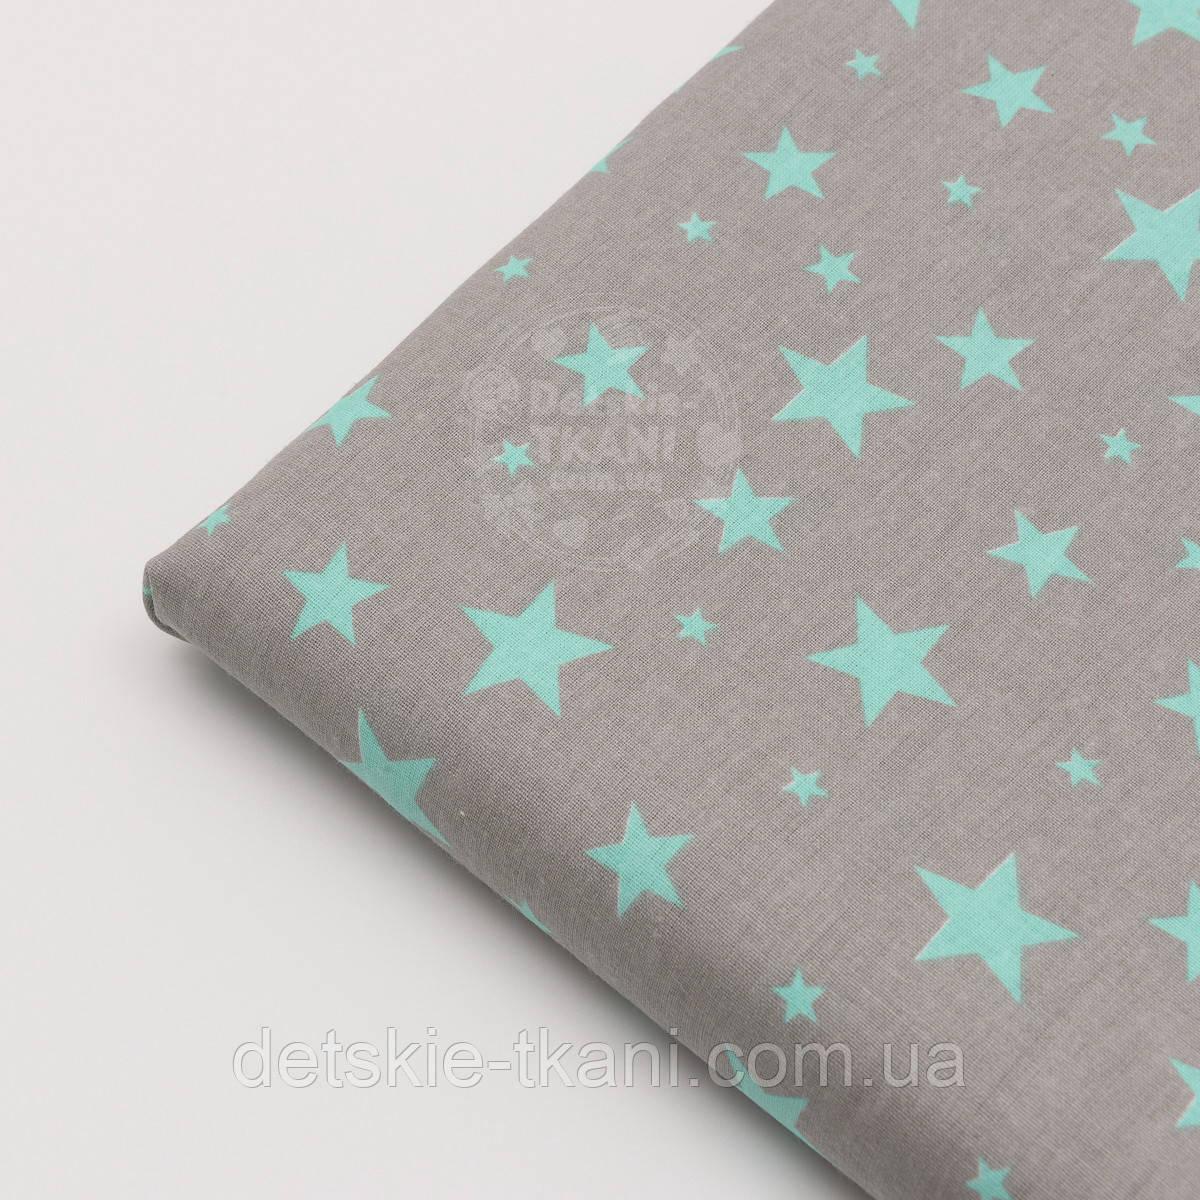 """Лоскут ткани №990 """"Звёздная россыпь"""" с мятными звёздочками на сером фоне, размер 16*120 см"""